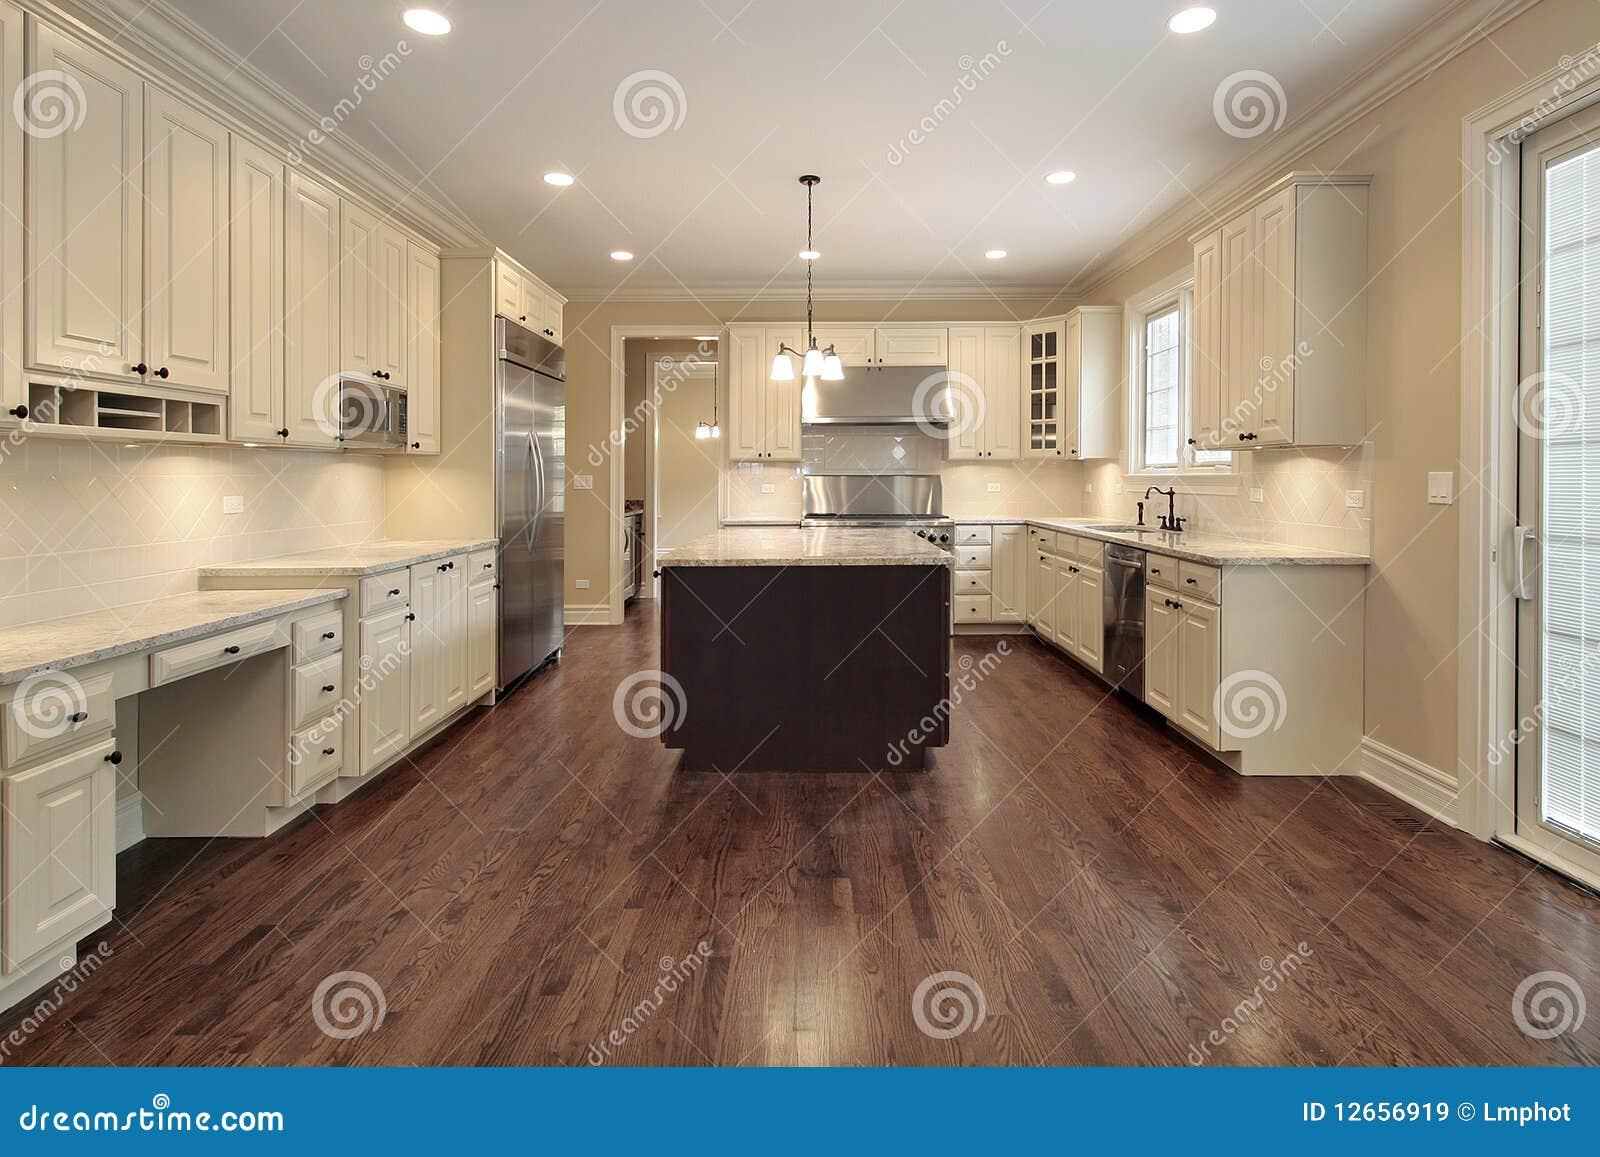 Cucina Con Cabinetry Di Legno Chiaro Immagine Stock - Immagine di ...